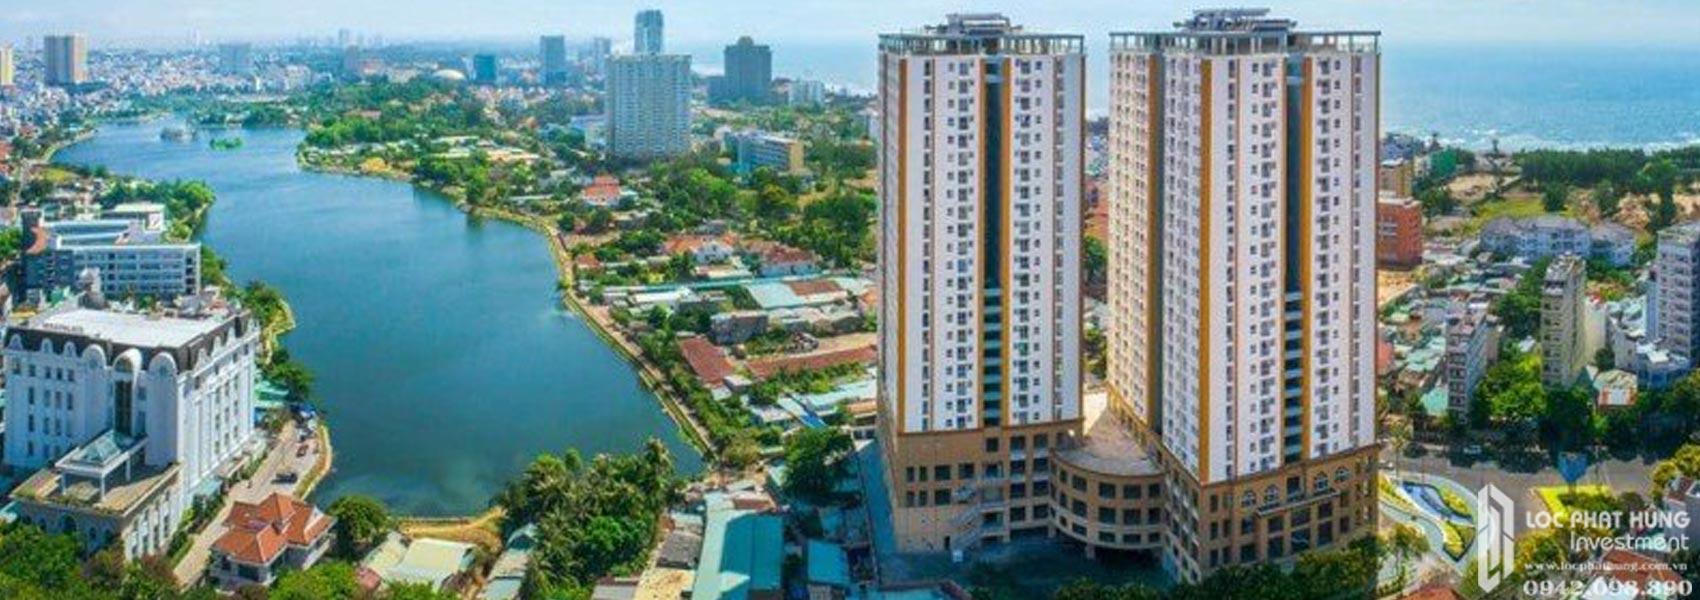 Phối cảnh tổng thể dự án căn hộ Căn hộ chung cư Melody Vung Tau Đường Võ Thị Sáu chủ đầu tư Hưng Thịnh Corp